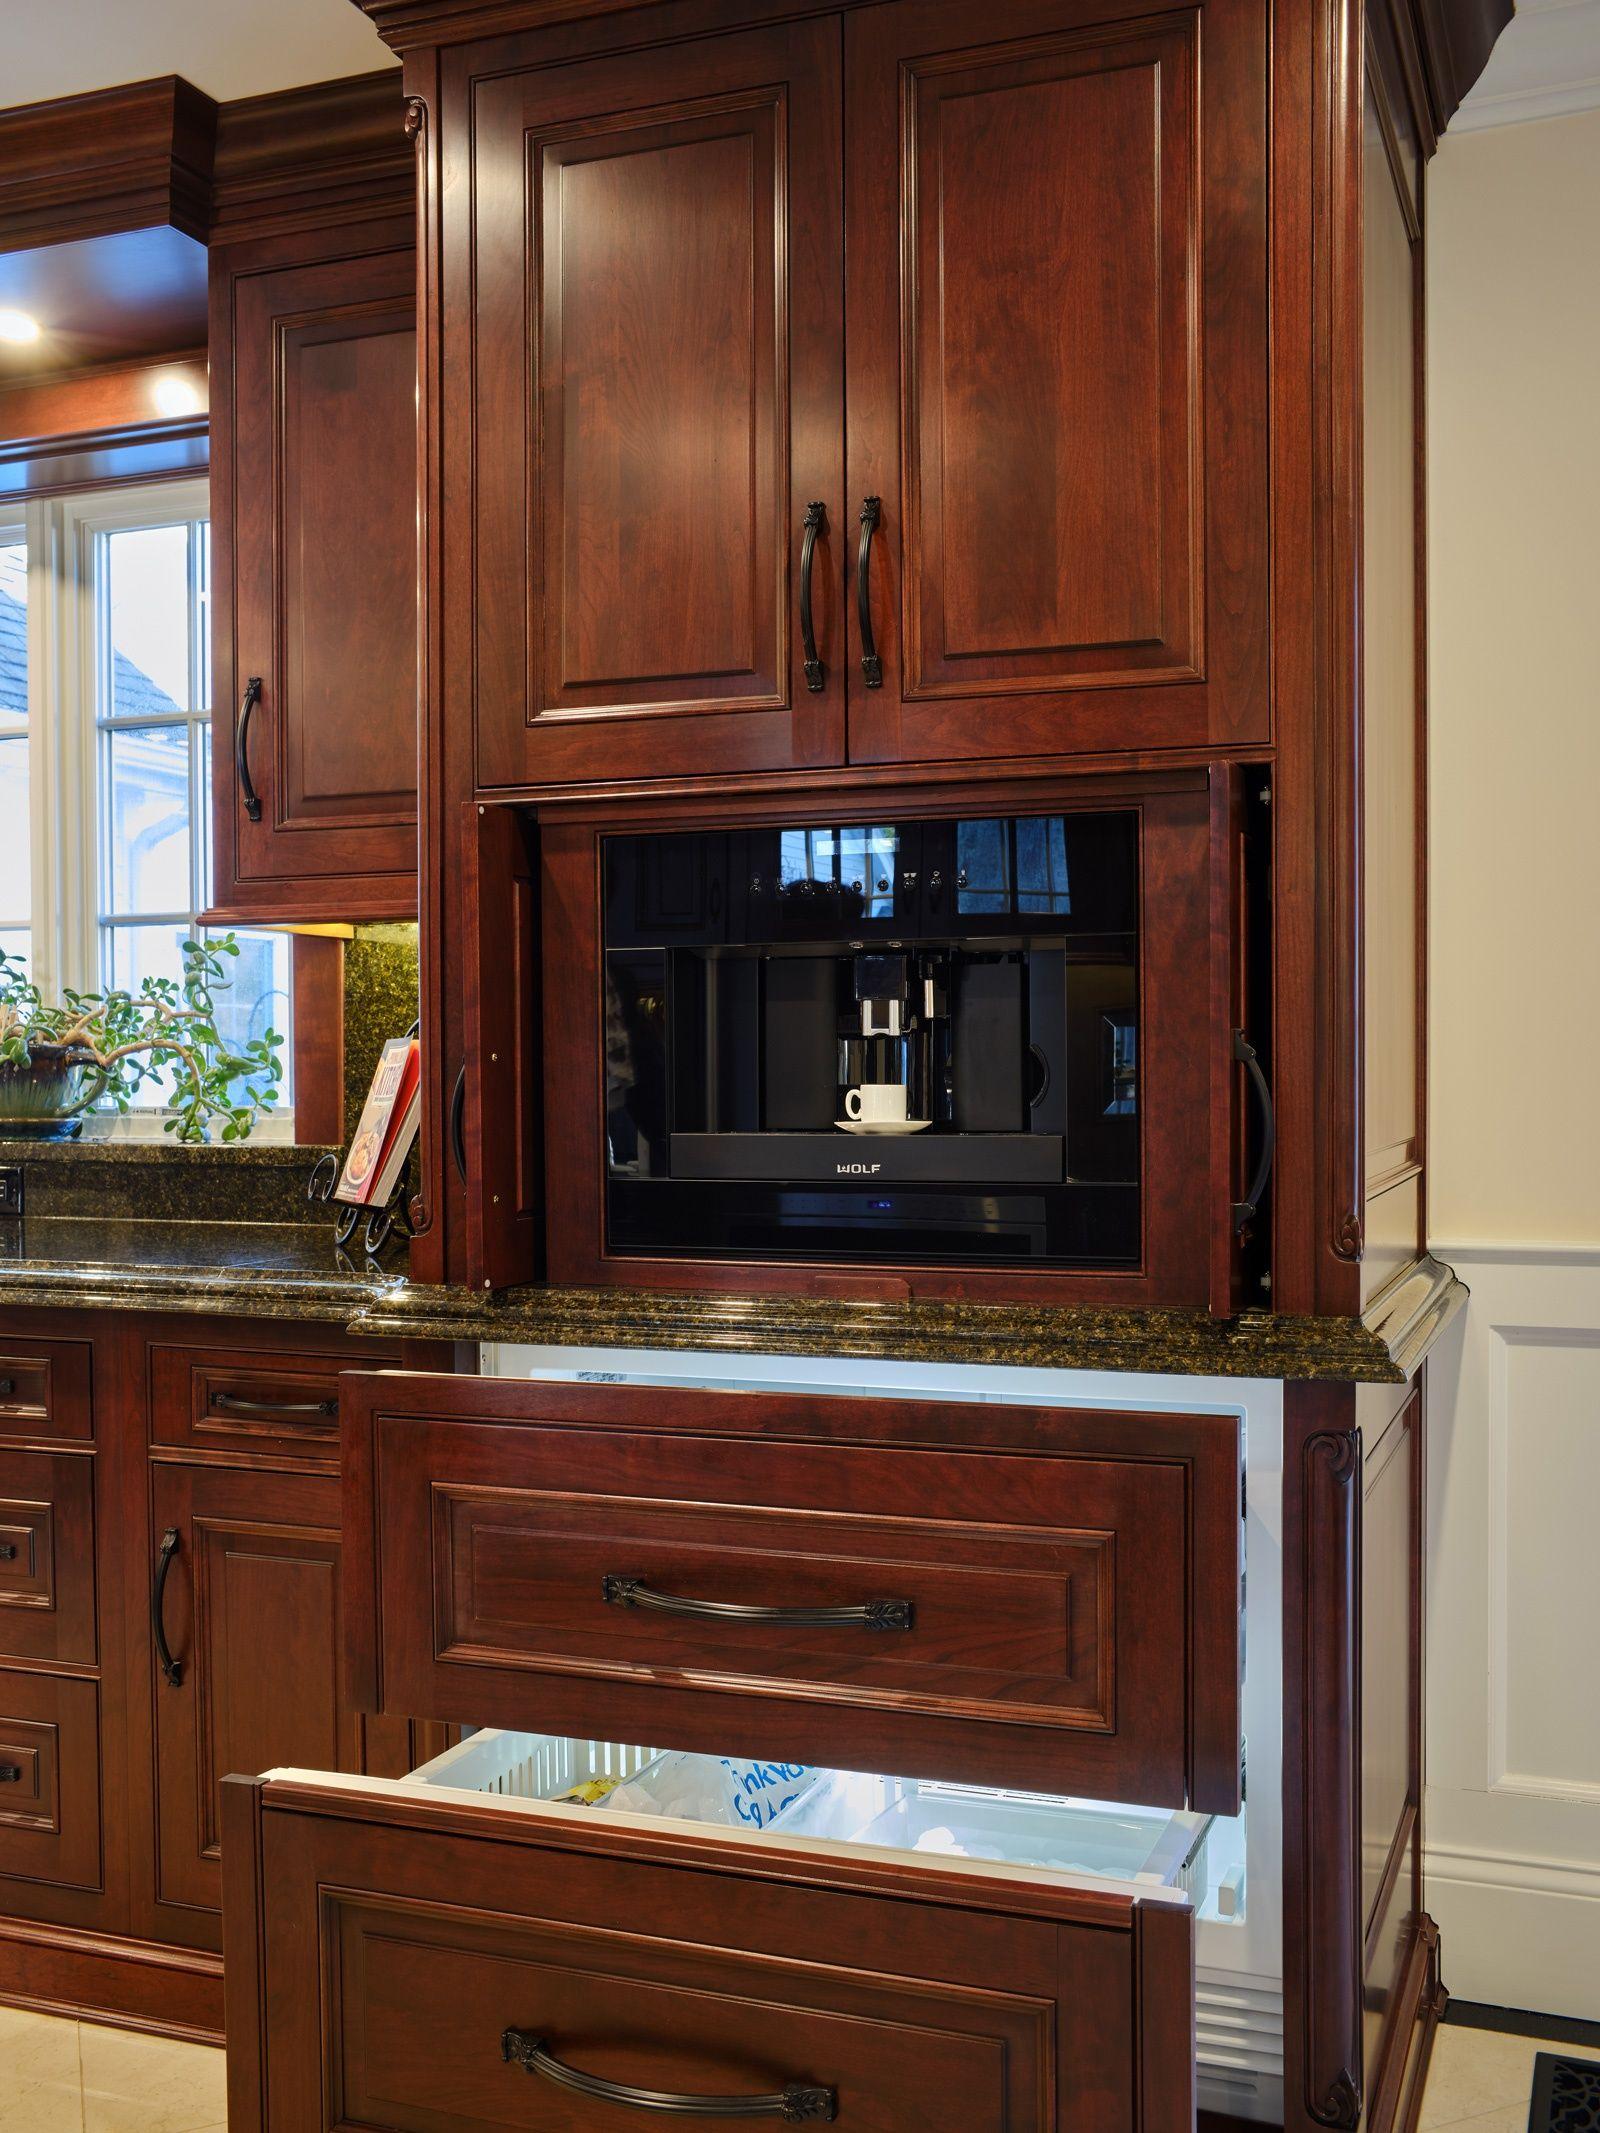 Elegant Cherry Kitchen in Westport, CT | The Kitchen ...